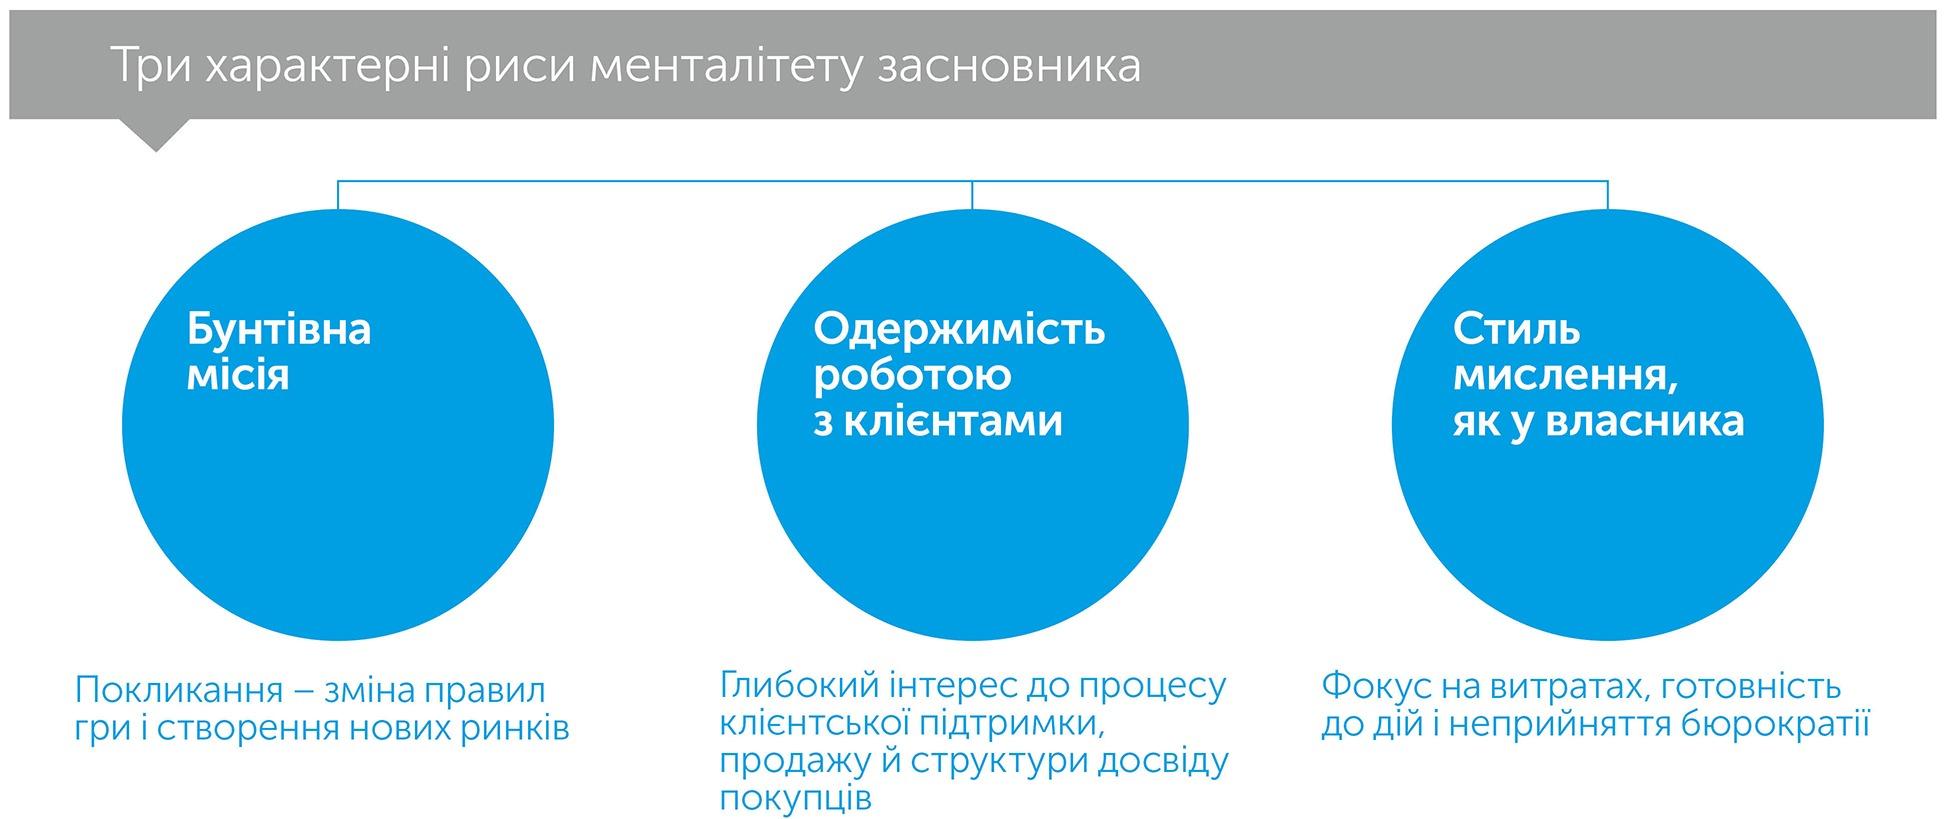 Менталітет засновника: як подолати передбачувані кризи зростання, автор Девід Зук | Kyivstar Business Hub, зображення №3